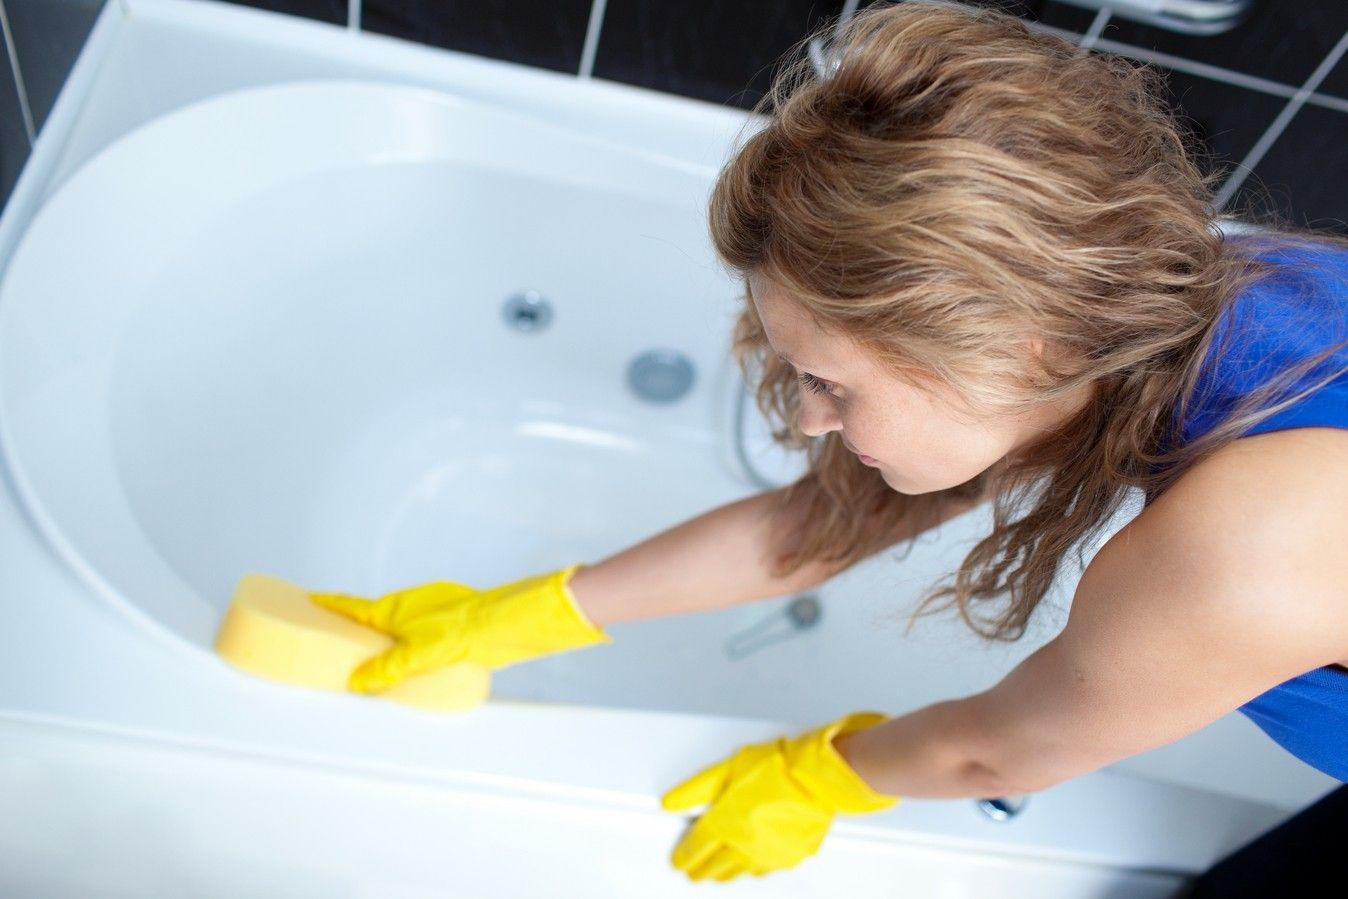 Нельзя чистить ванну различными металлическими скребками, очищайте губкой